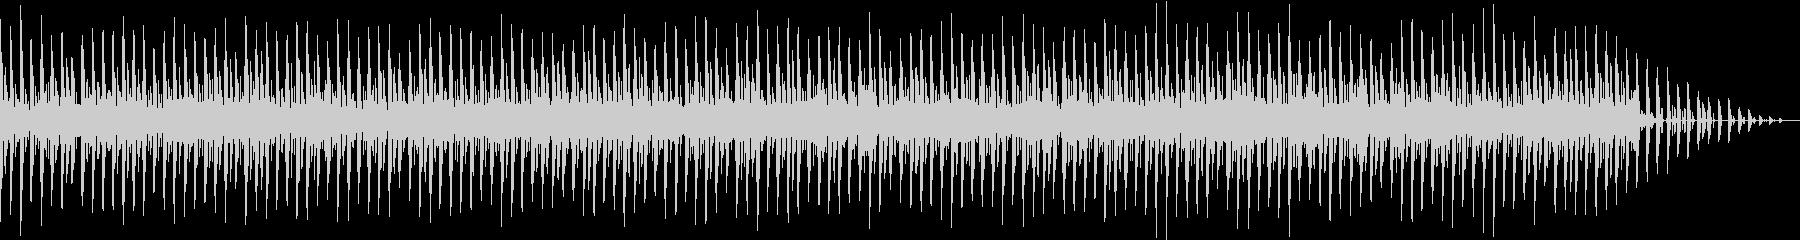 何かを考える時とかに使えそうな音楽ですの未再生の波形